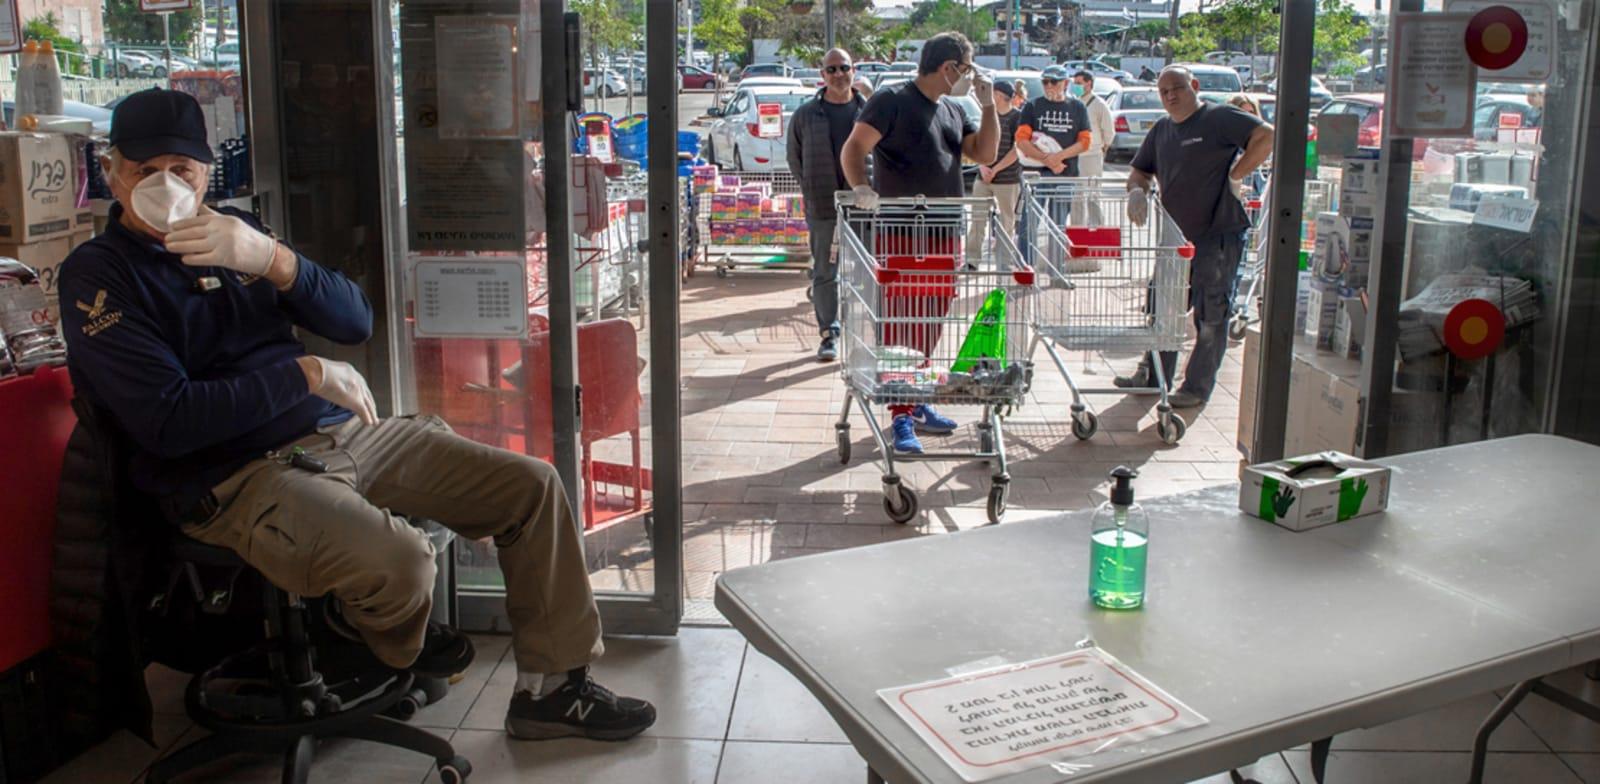 דעה: יותר אנשים, יותר מגפות - ישראל צריכה אסטרטגיה של יציבות אוכלוסין